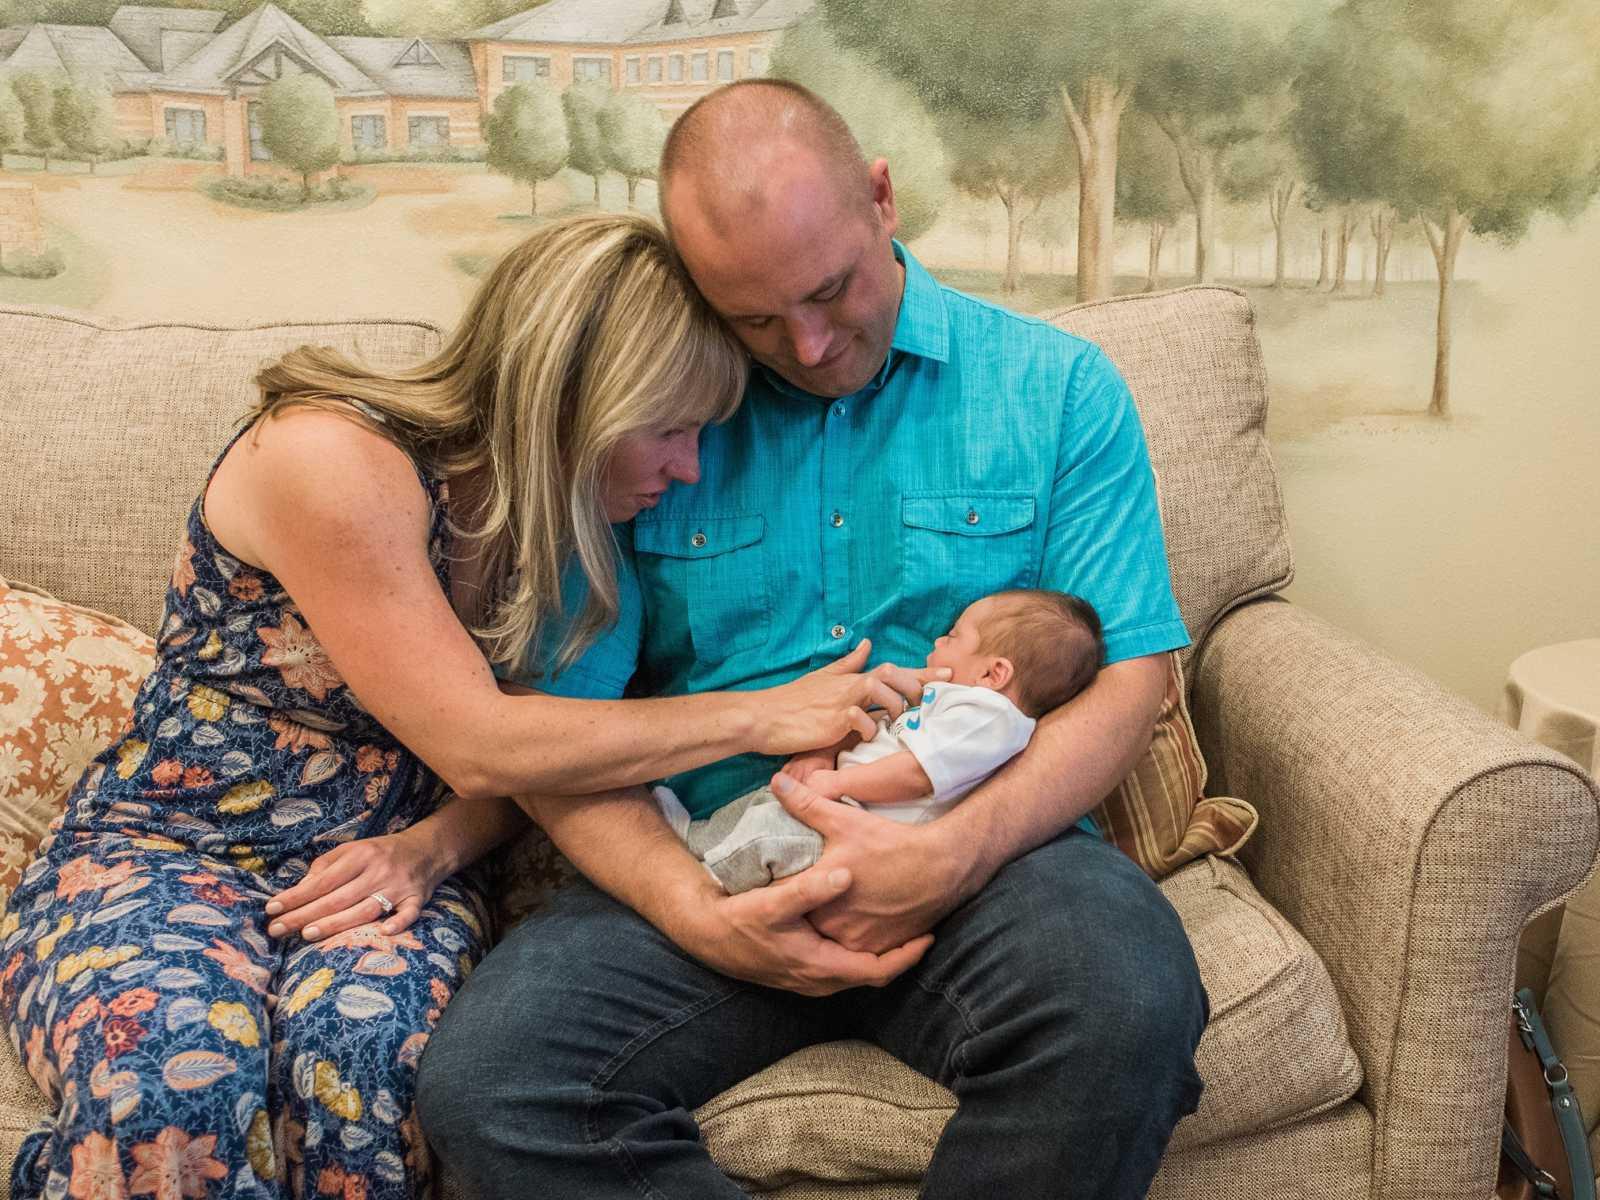 processo-de-adoção-mãe-pai-criança-colo